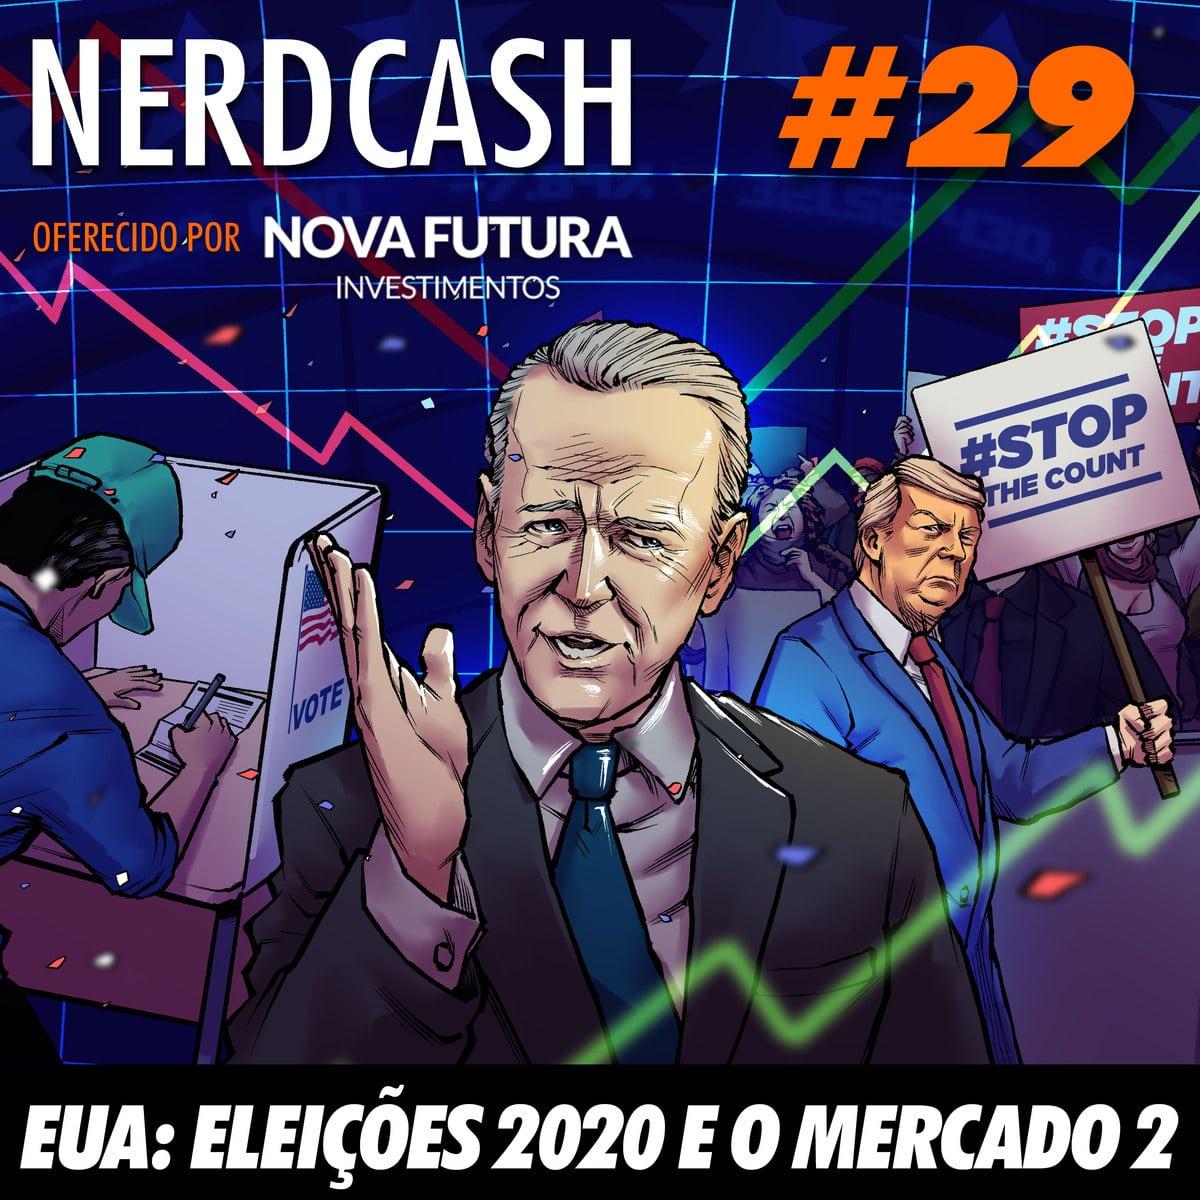 NerdCash 29 - EUA: Eleições 2020 e o Mercado 2